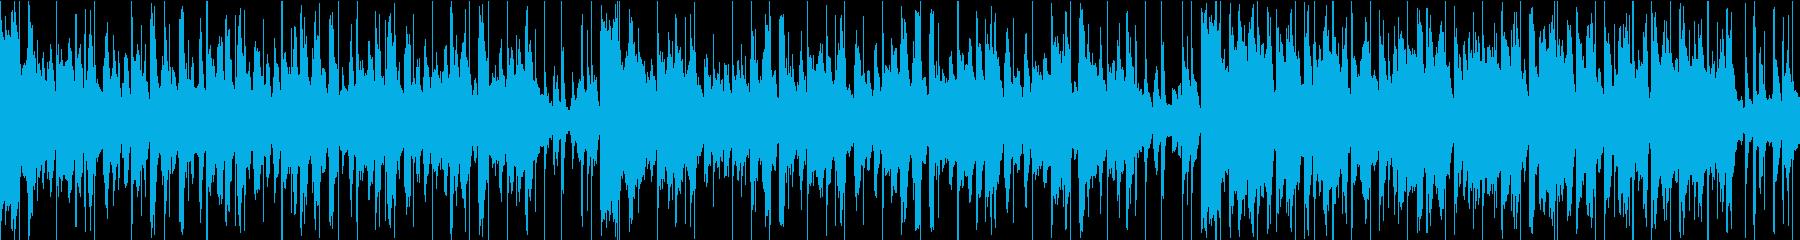 天気予報BGMフォーマル就活・式場の再生済みの波形